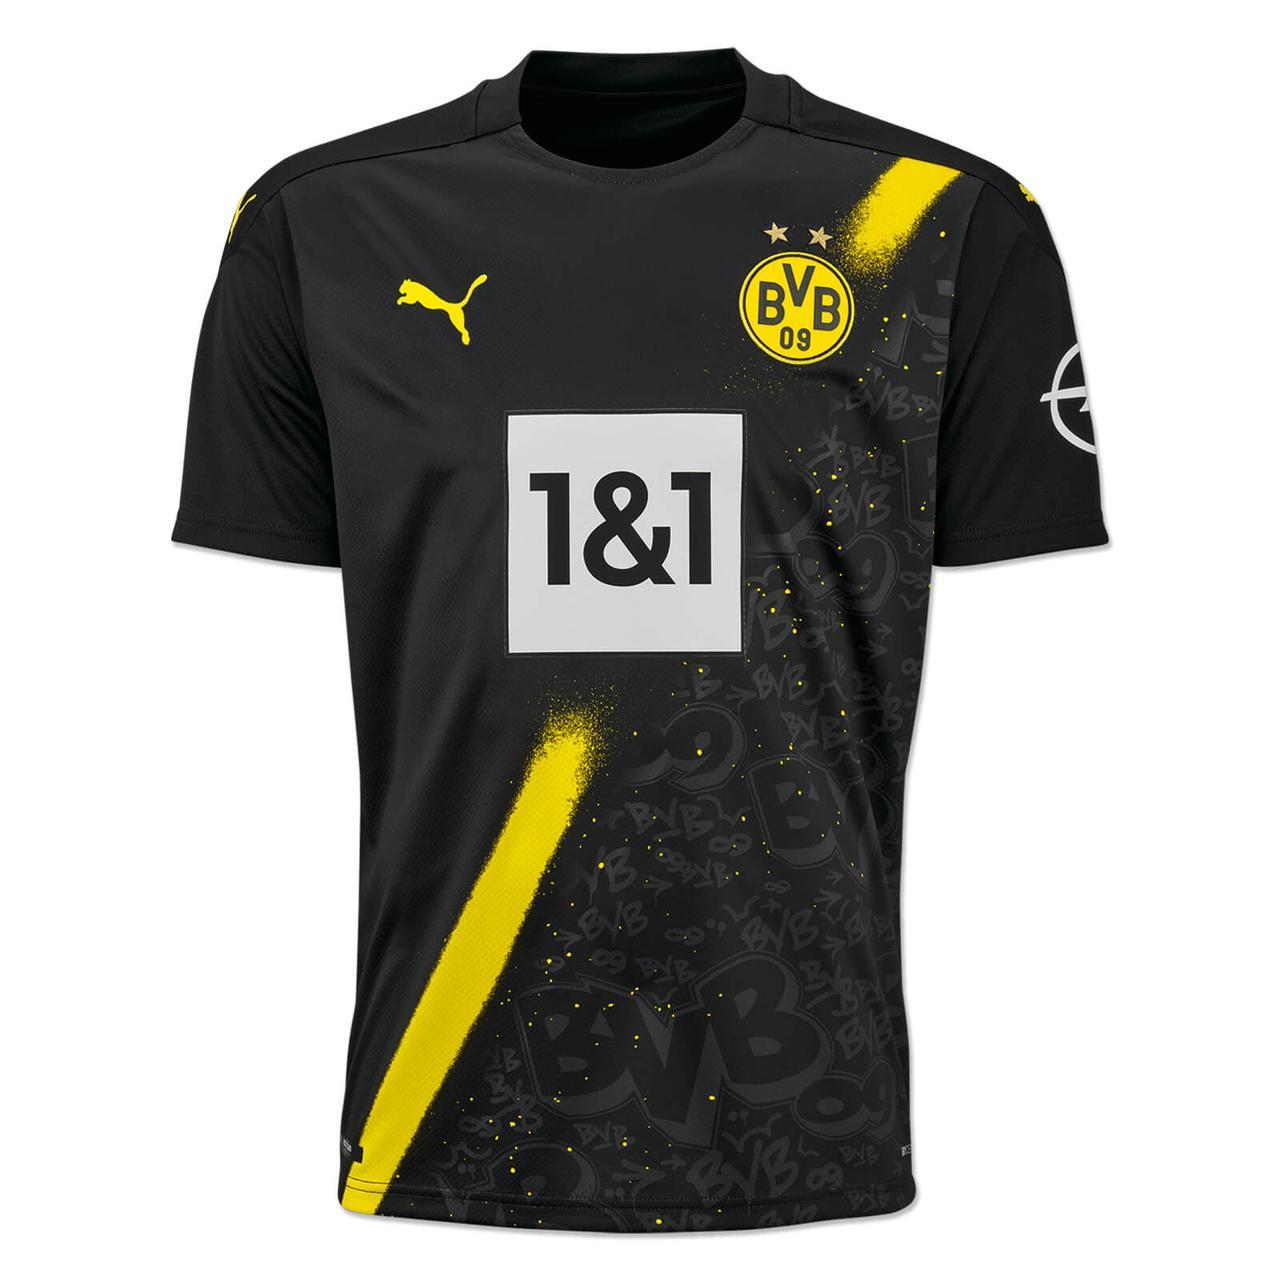 Футбольная форма Боруссия Дортмунд (Borussia Dortmund), выездная сезон 20/21